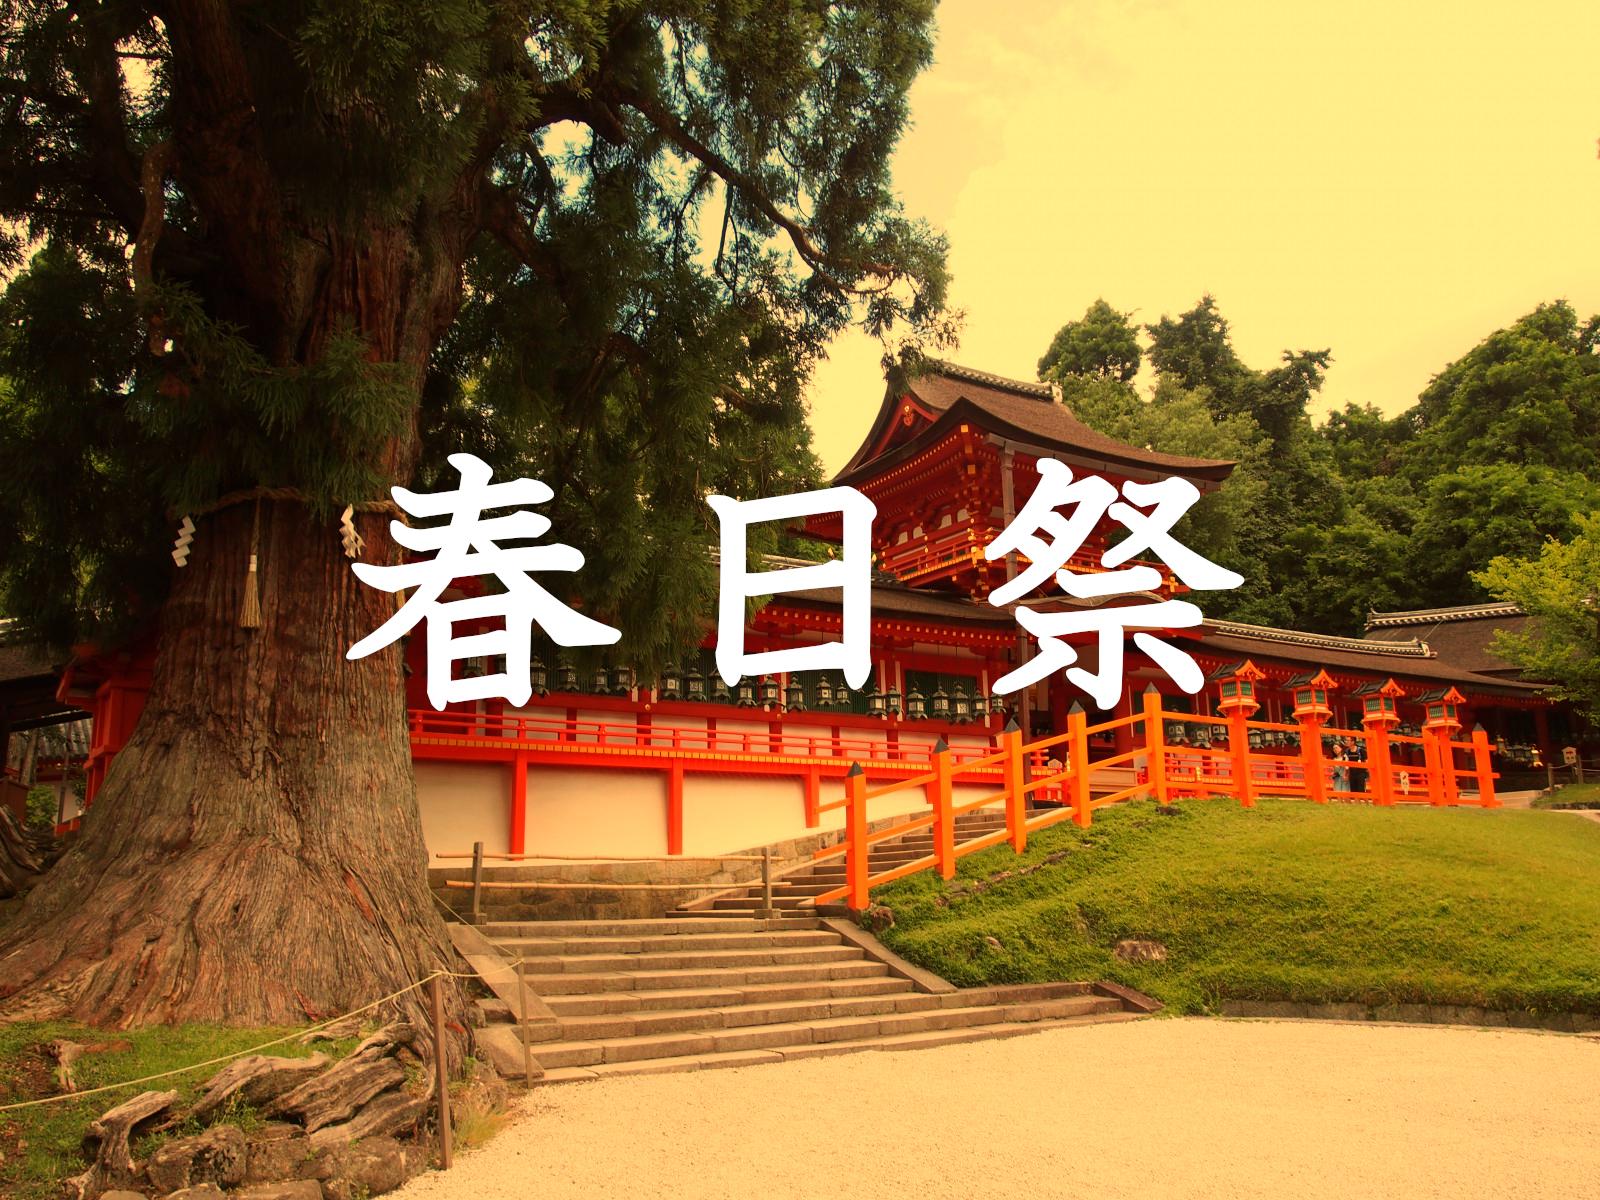 春日大社の例祭「春日祭」の日程・内容・歴史(由緒)を解説   奈良 ...